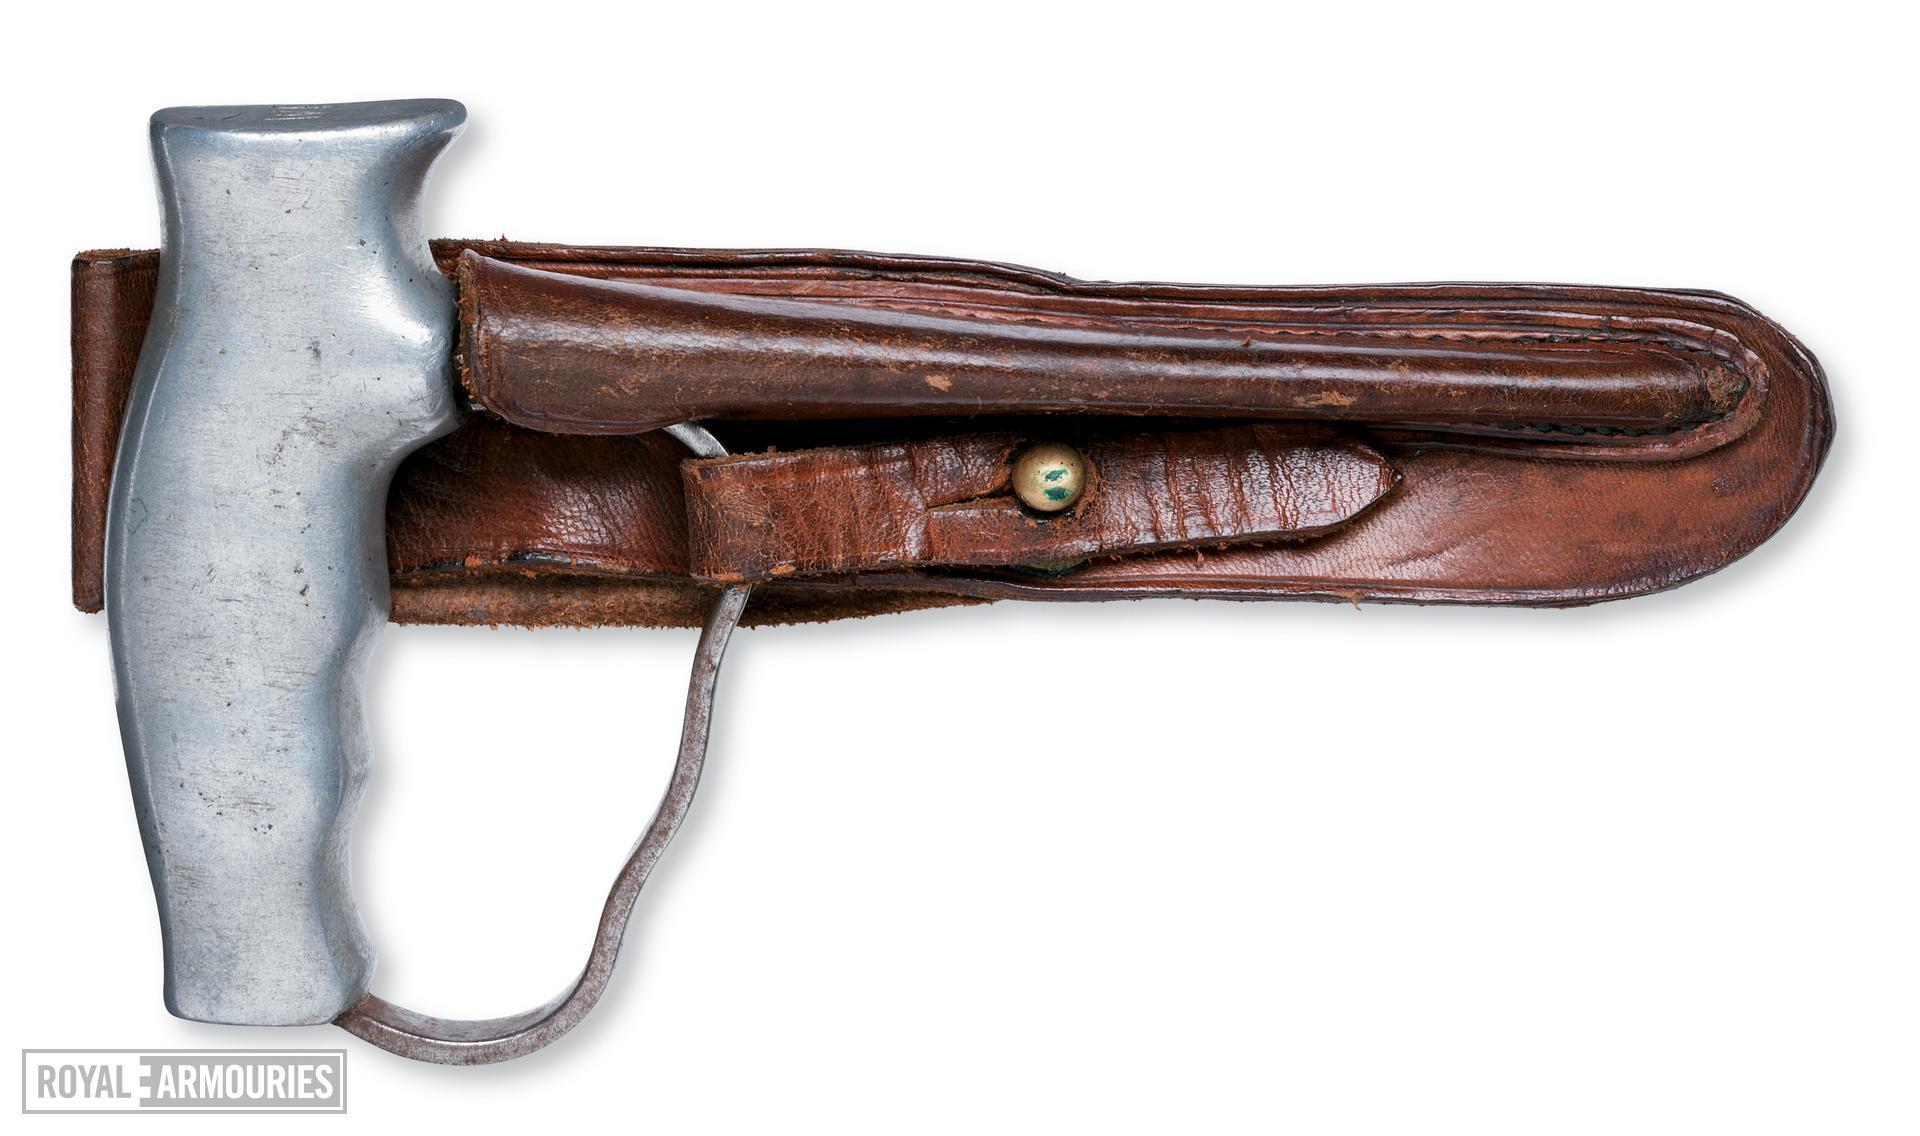 Dagger and sheath - Push dagger